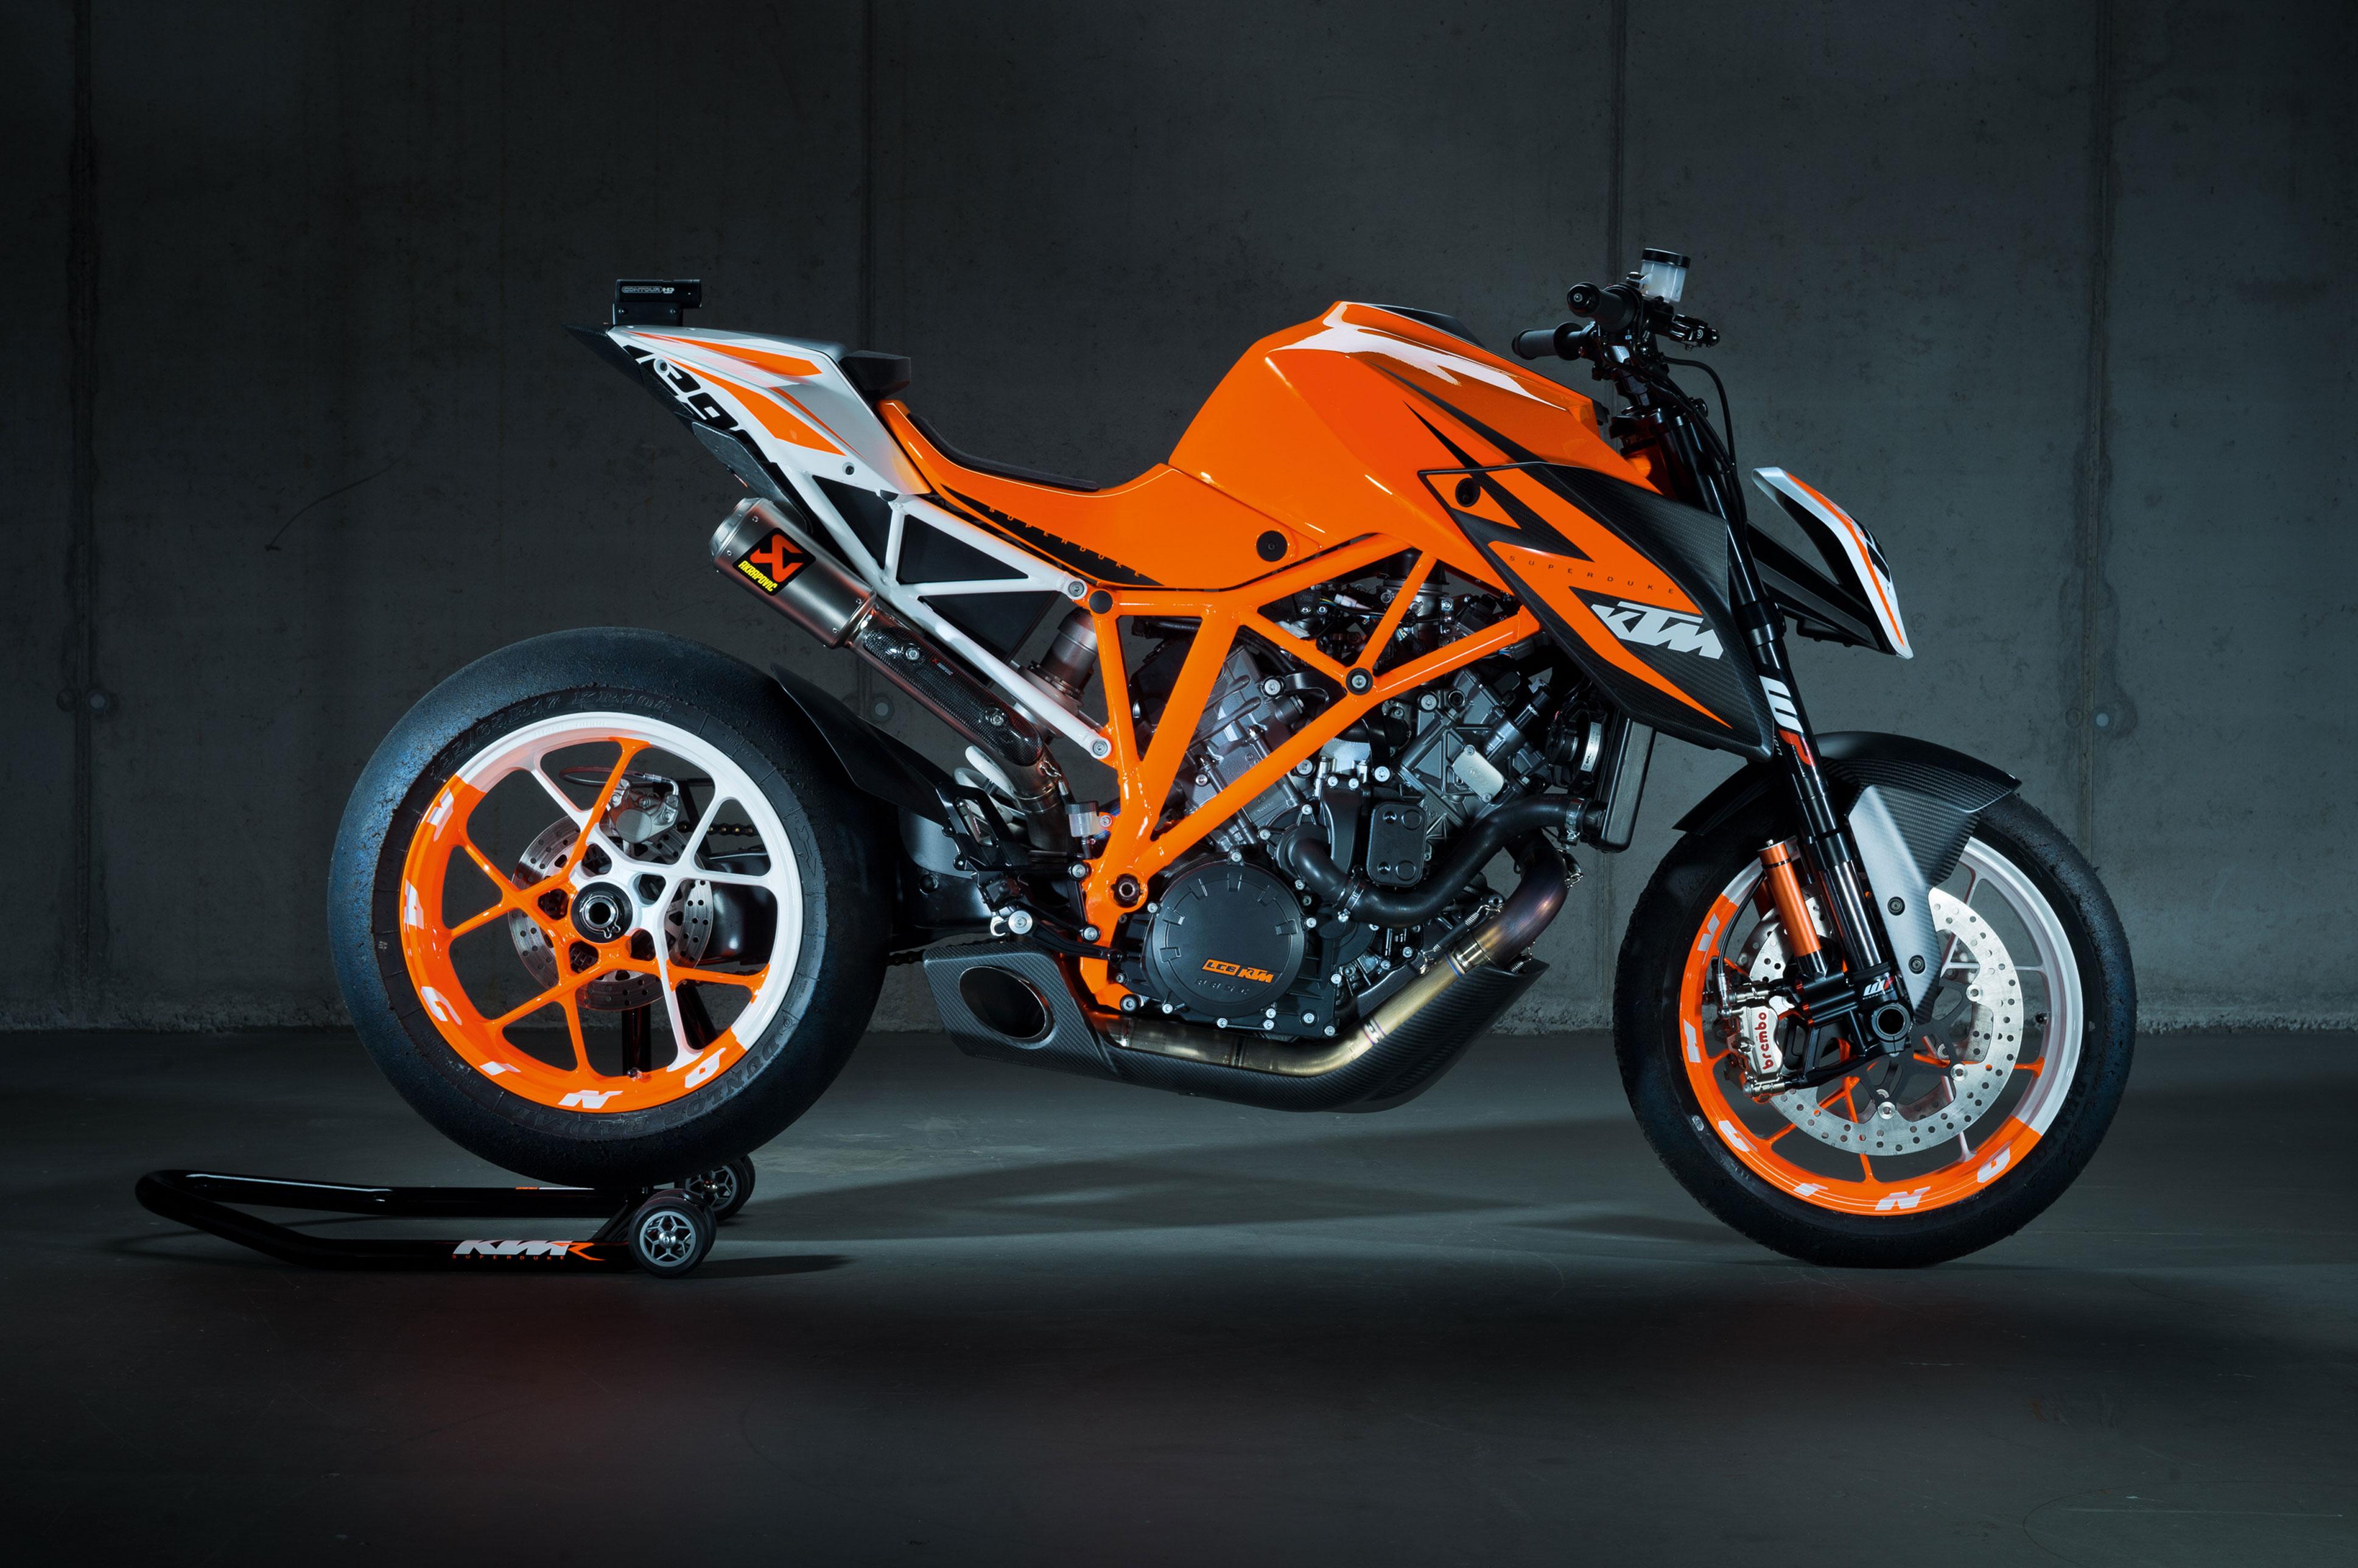 Las mejores motos y sus precios 2014 las mejores motos - Image de moto ktm ...